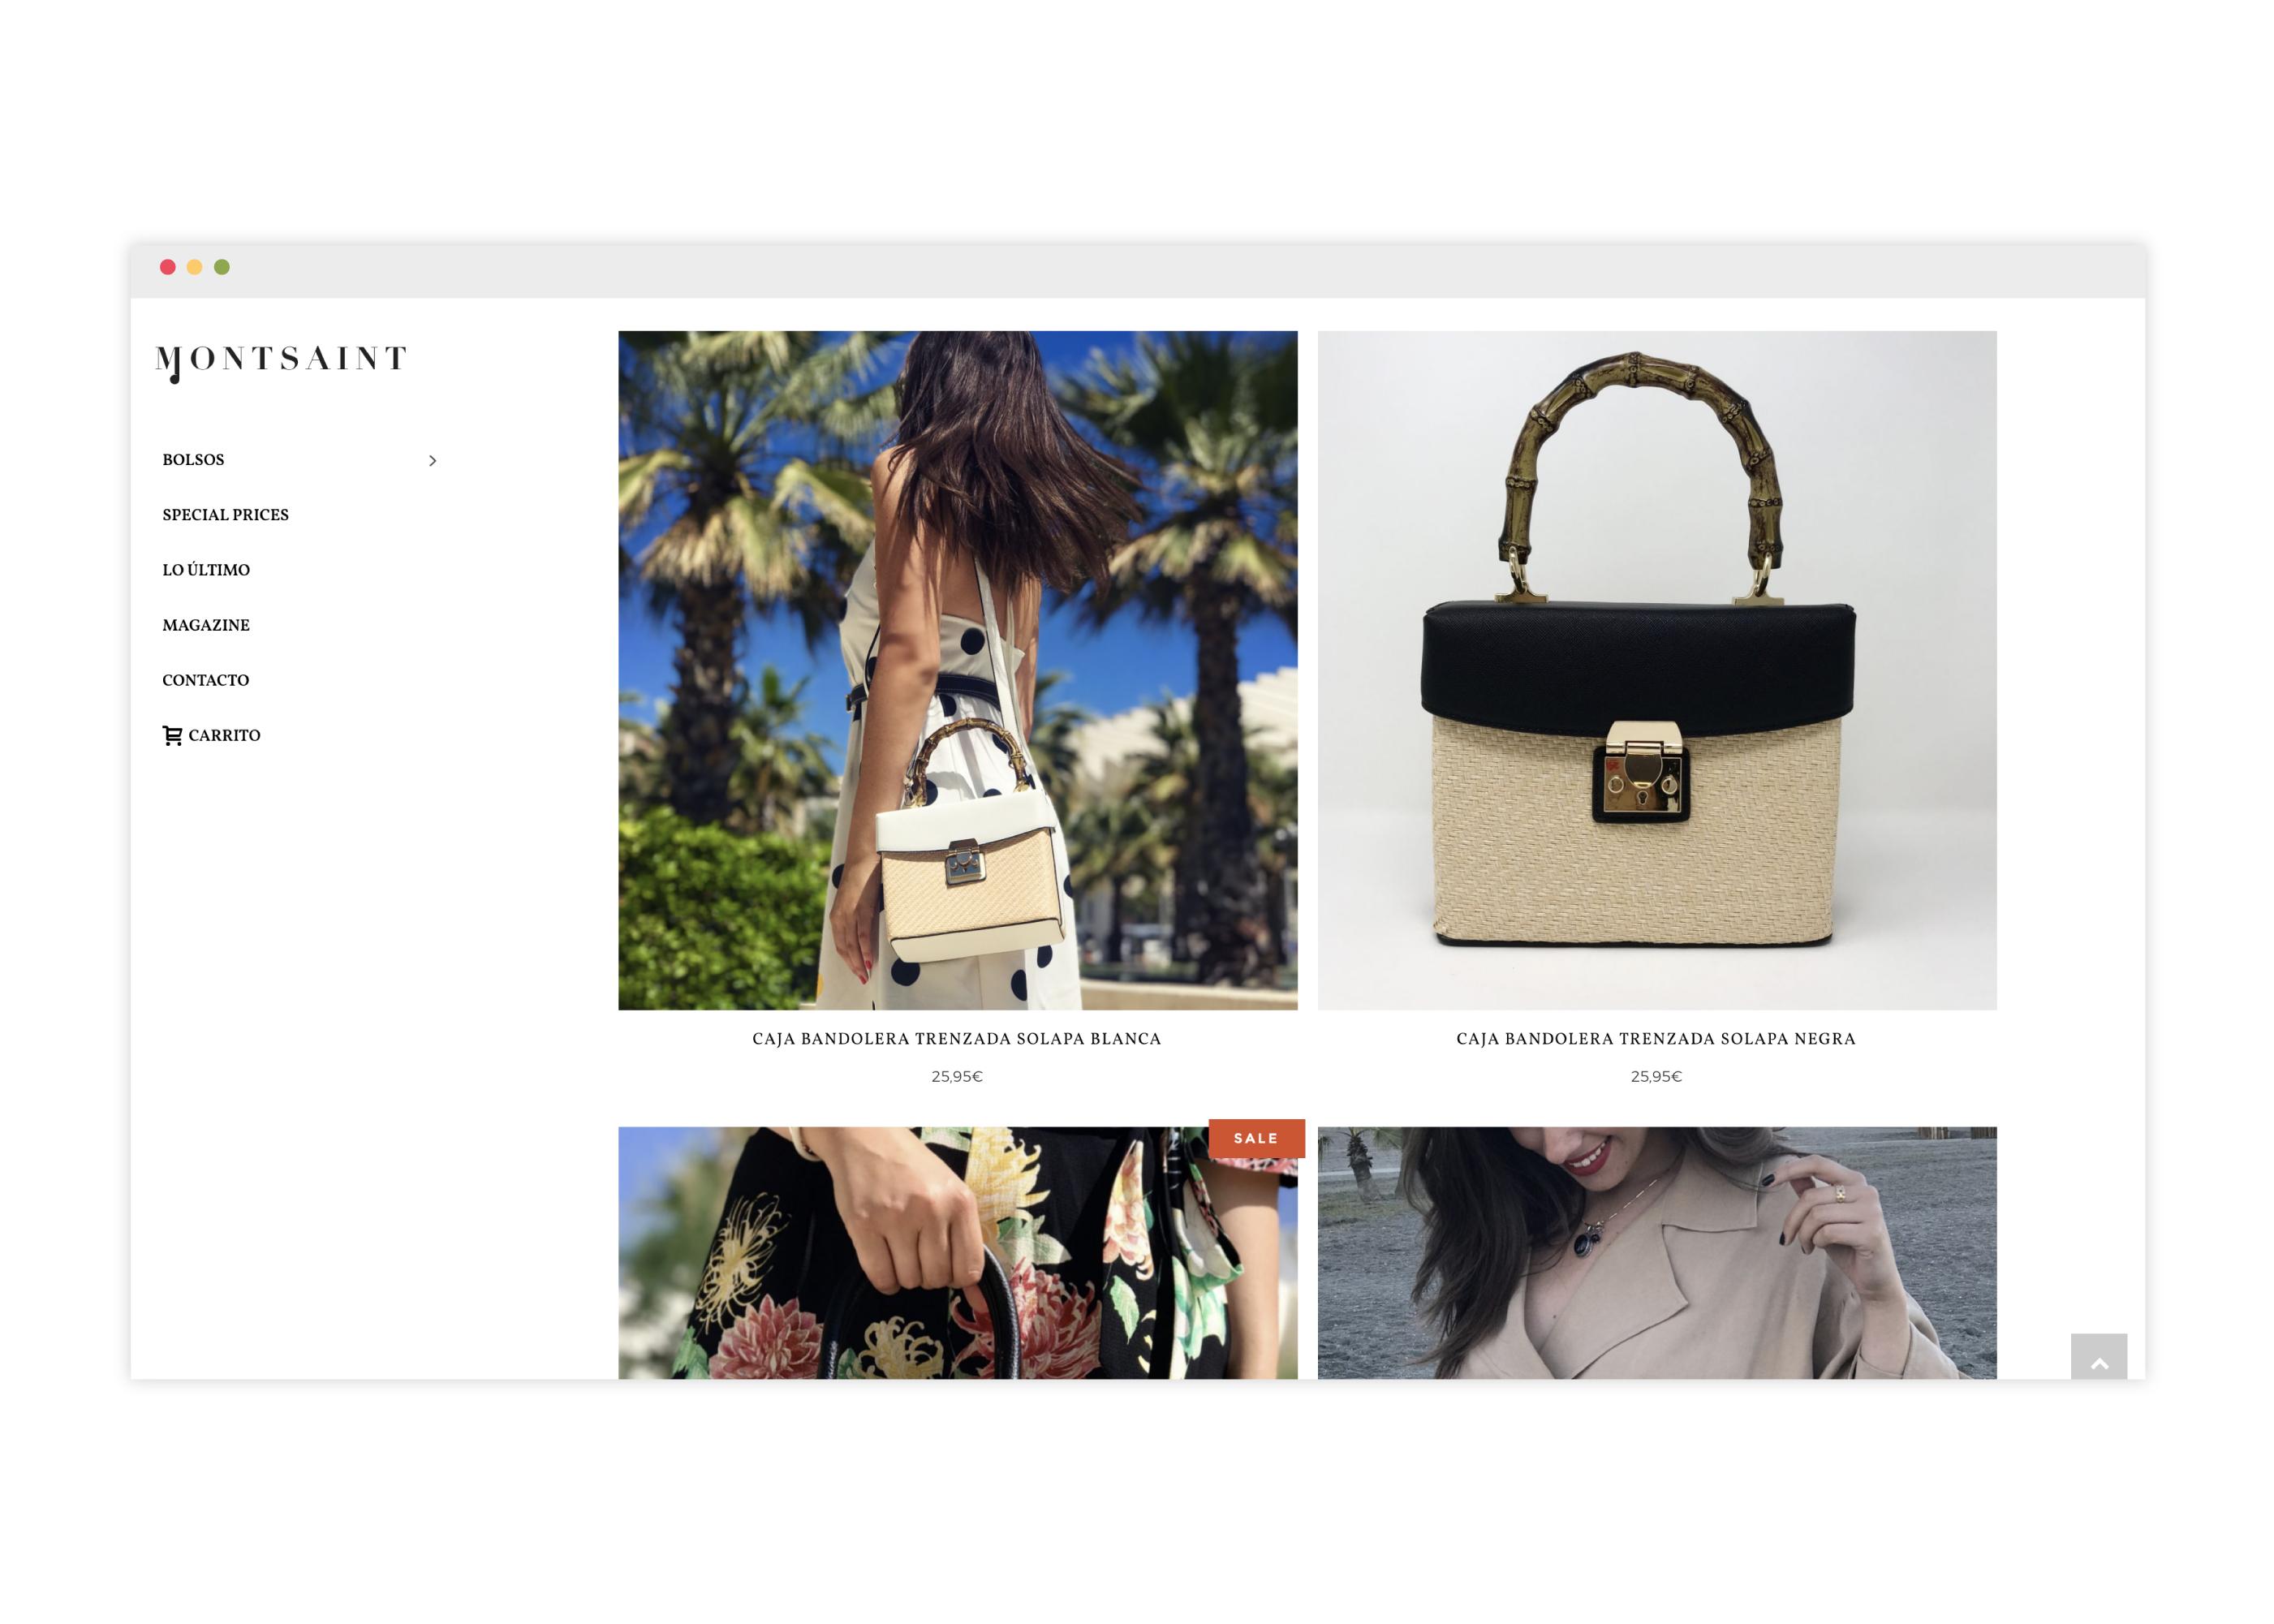 Diseño de tienda online de bolsos responsive